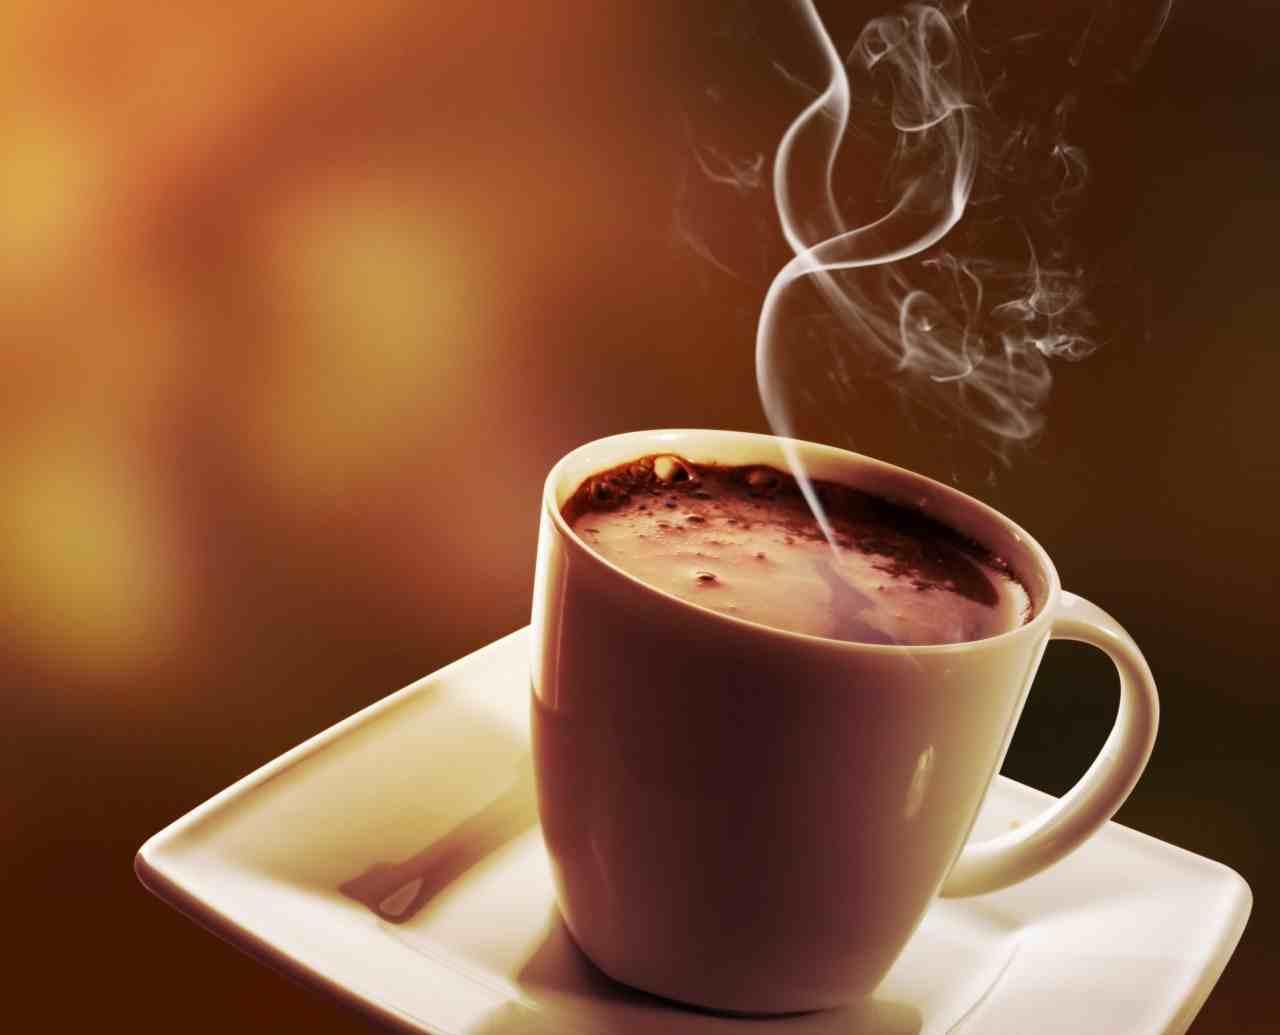 استفسار عن اروع مشروب ساخن بمقهى الدكتور كيف